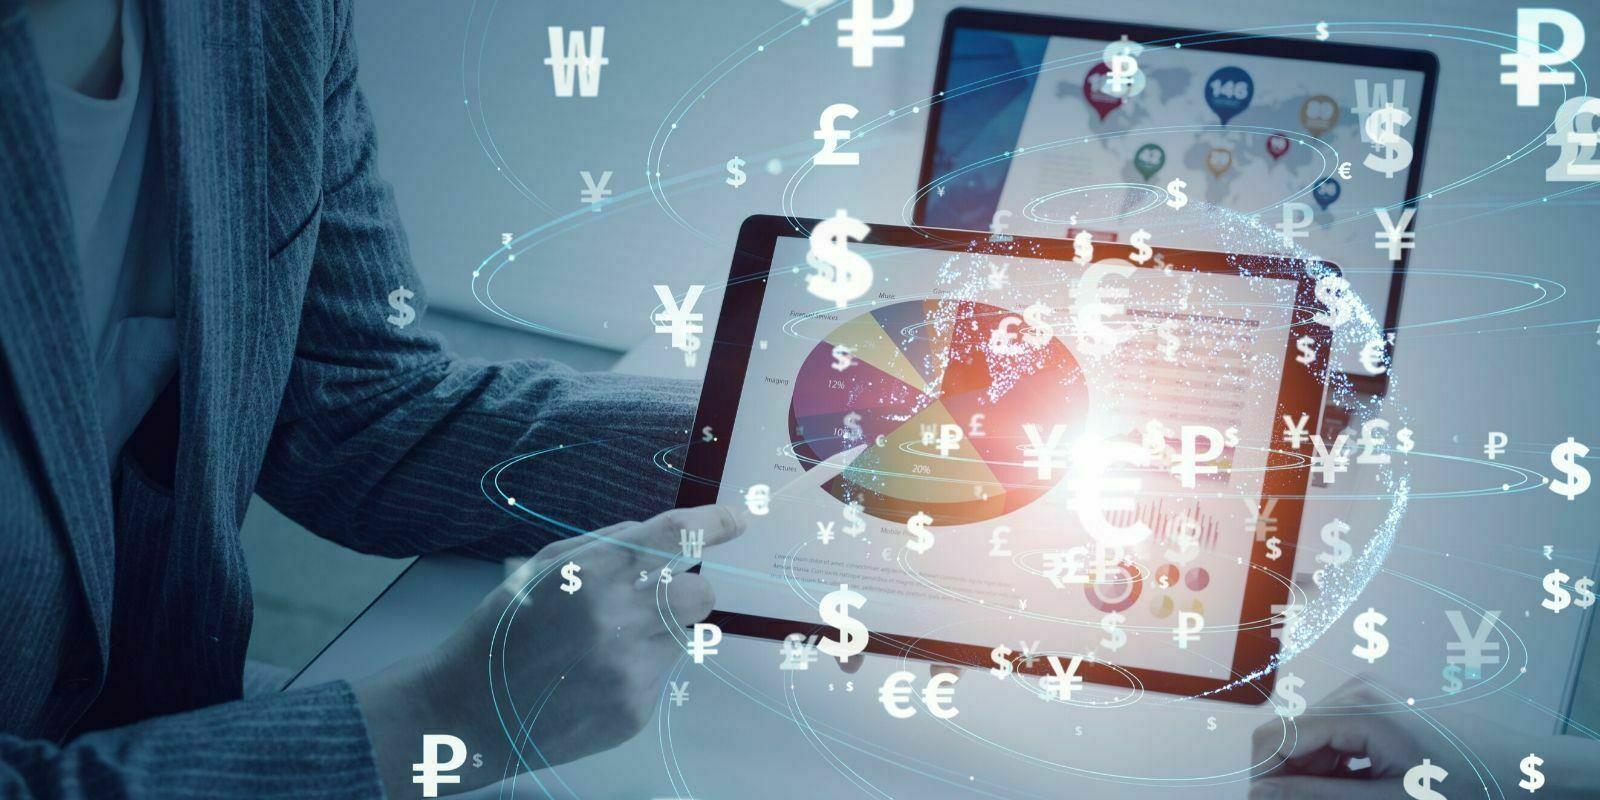 Le nombre de conseillers financiers incluant des cryptomonnaies dans les portefeuilles de clients va doubler aux Etats-Unis en 2020